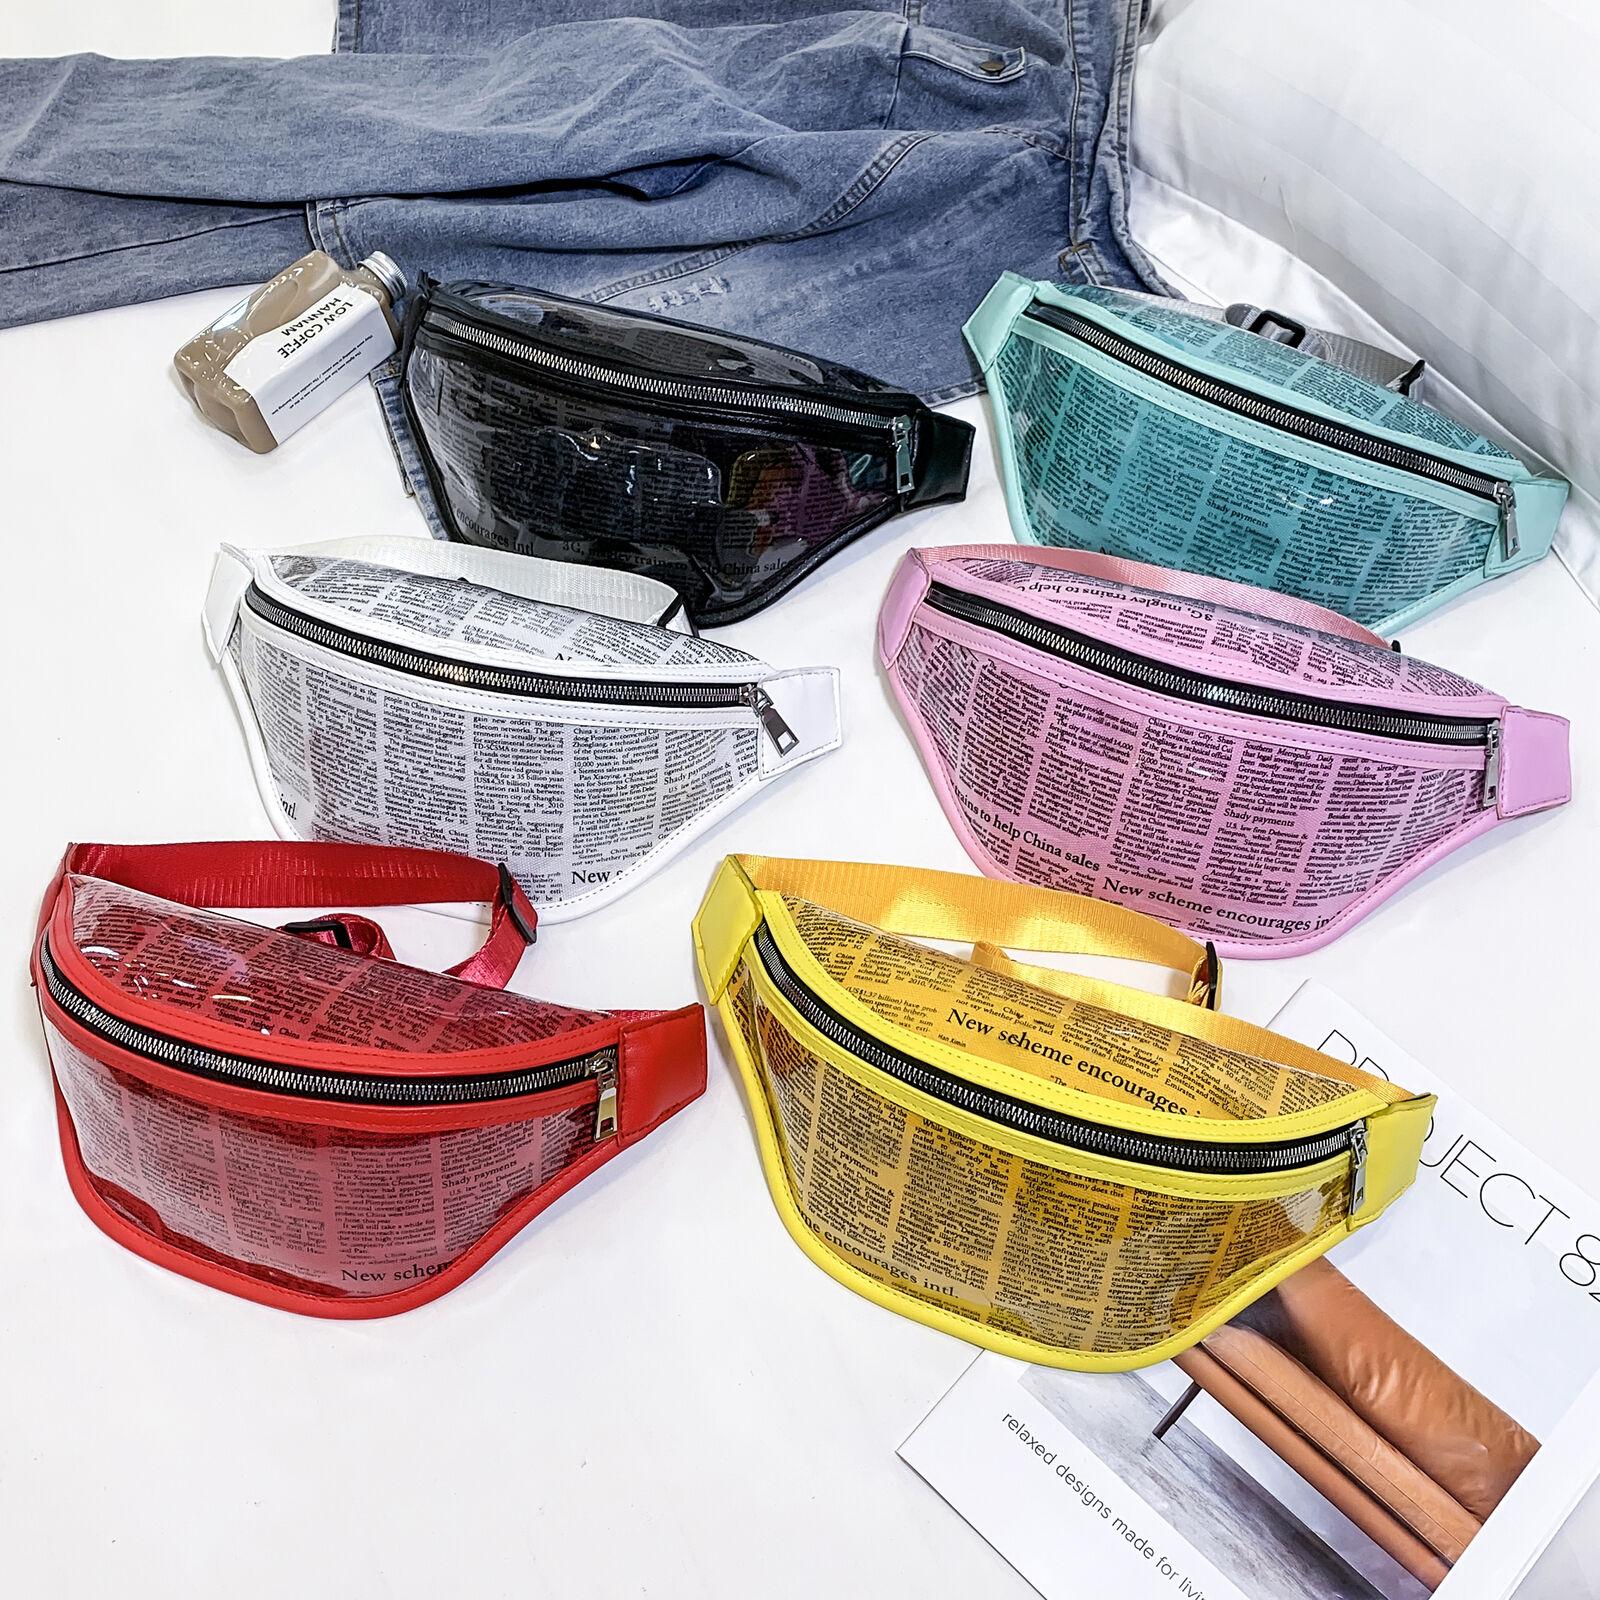 2019 New Women Waist Bags Pu Leather Fanny Pack Belt Bag Newspaper Print Waist Pouch Shoulder Chest Bags Bum Bag